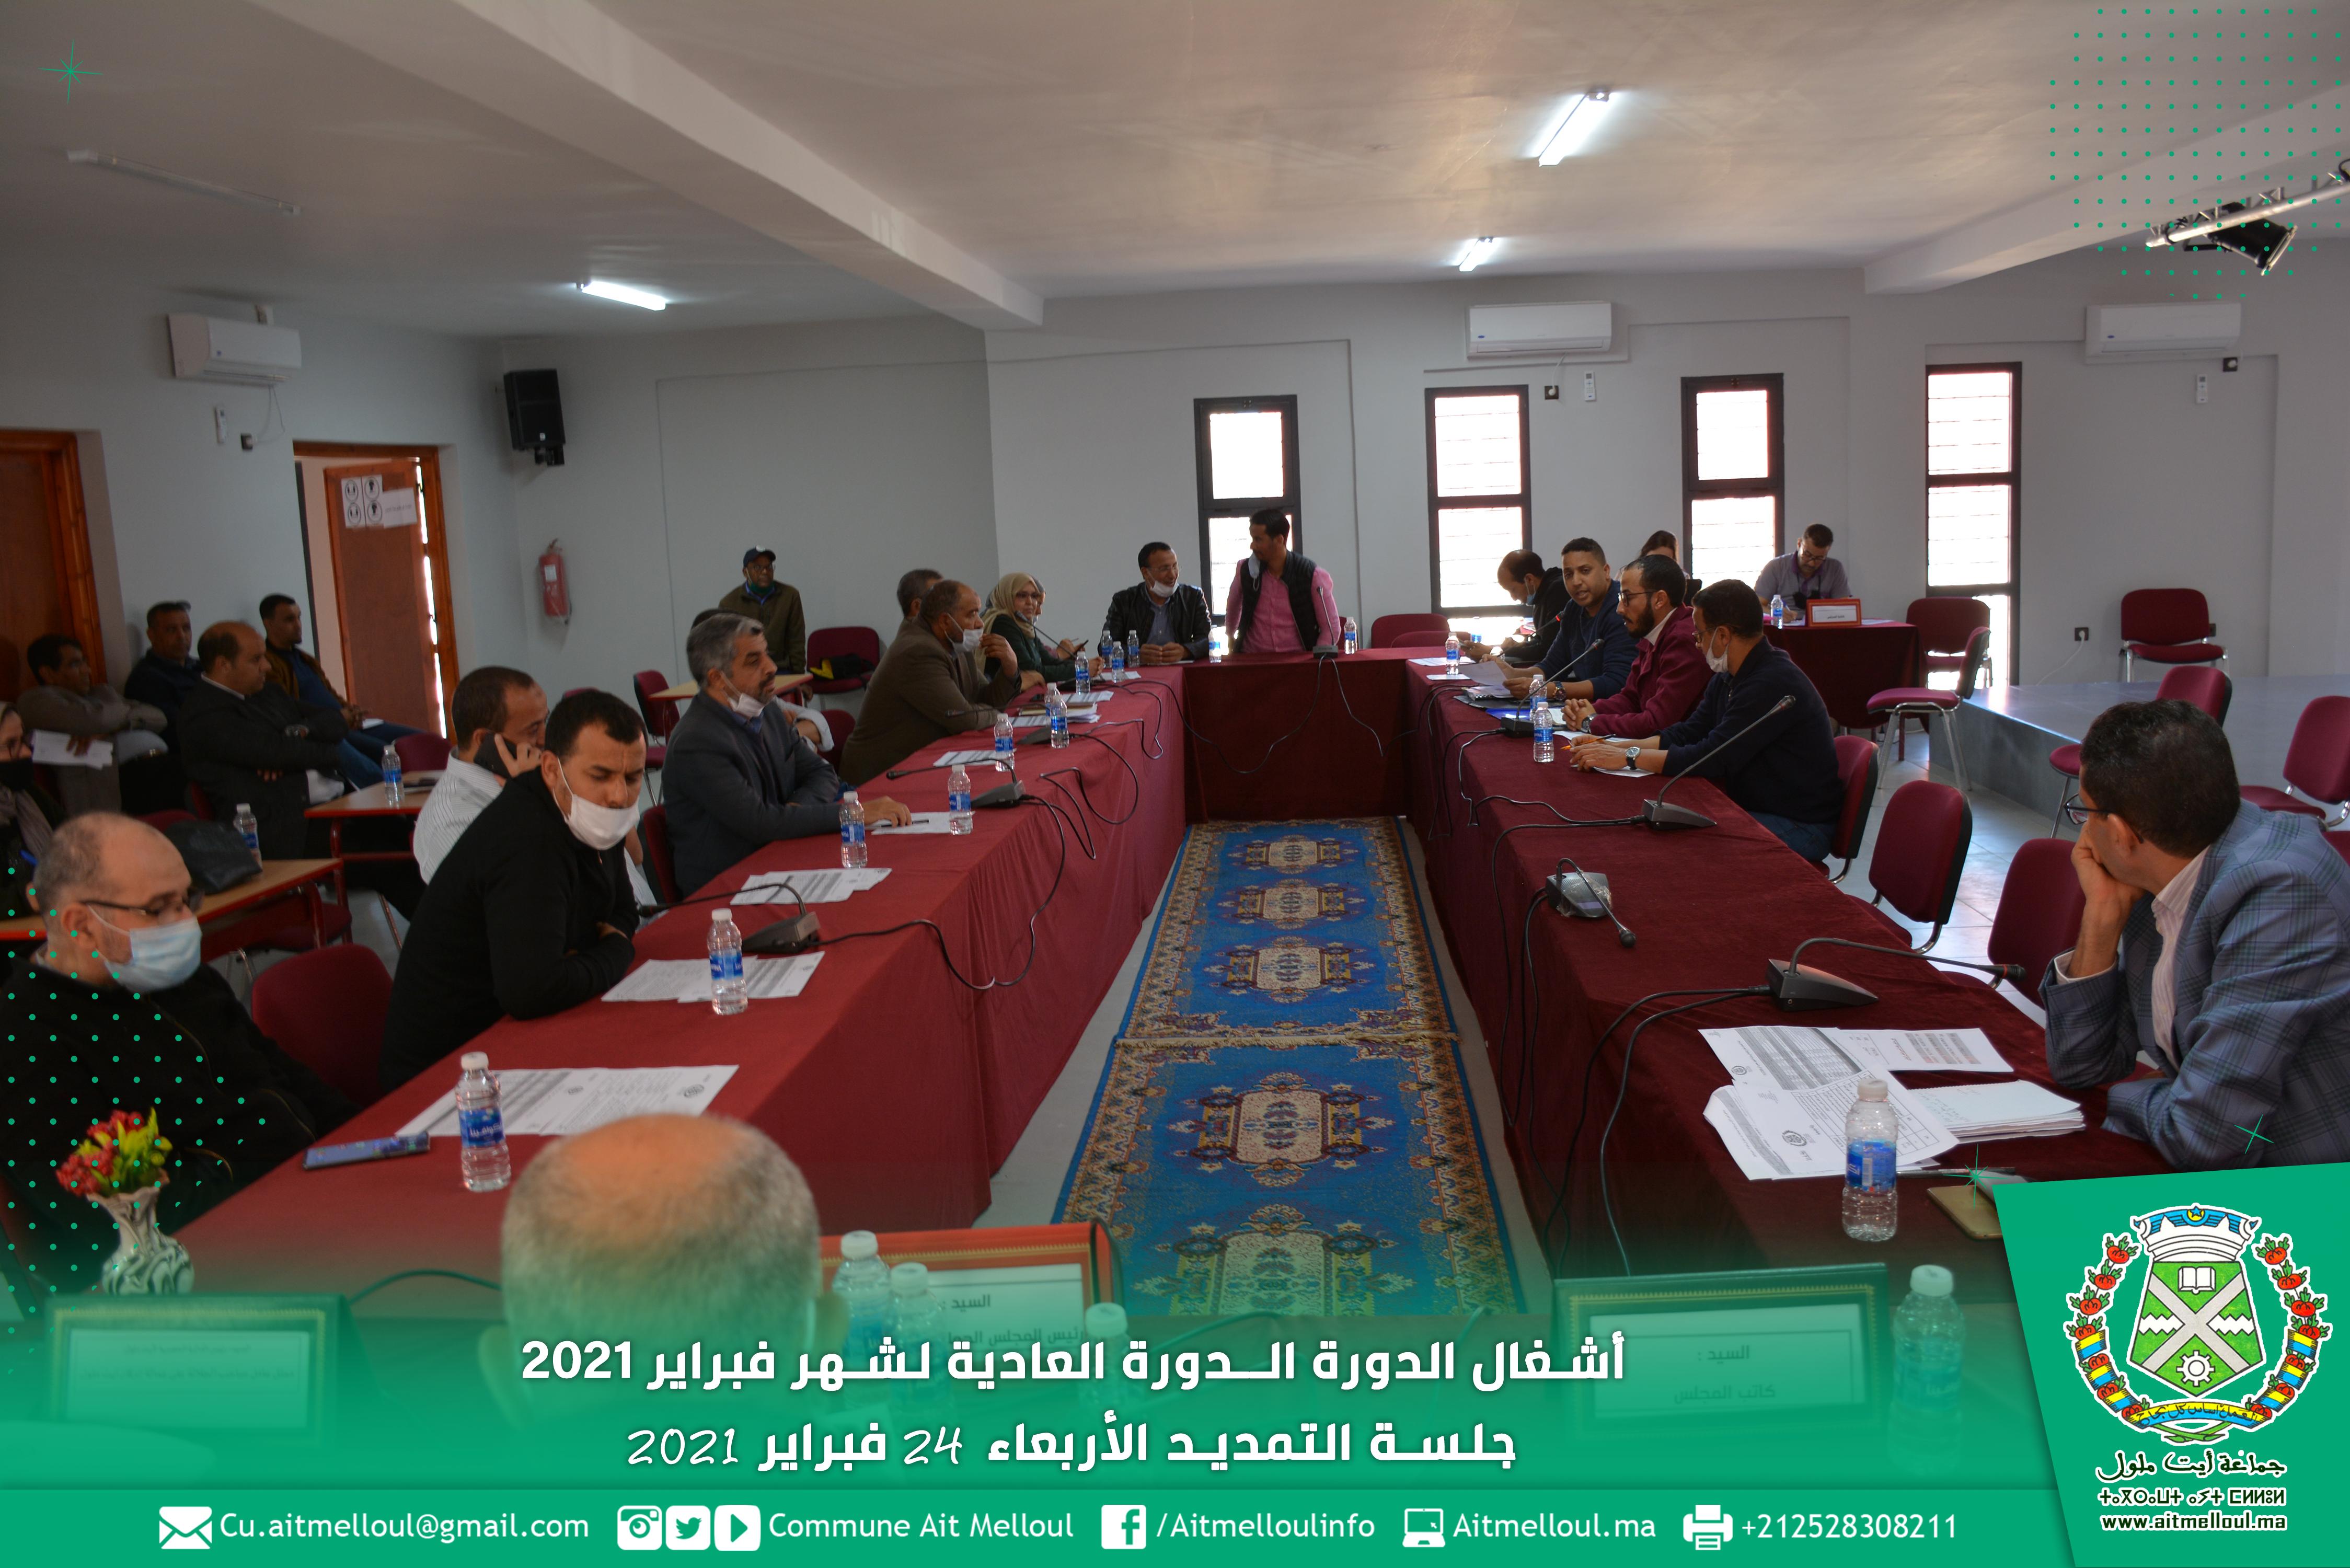 جماعة أيت ملول - المجلس يعقد جلسة التمديد ويصادق على النقط المدرجة في الجلسة